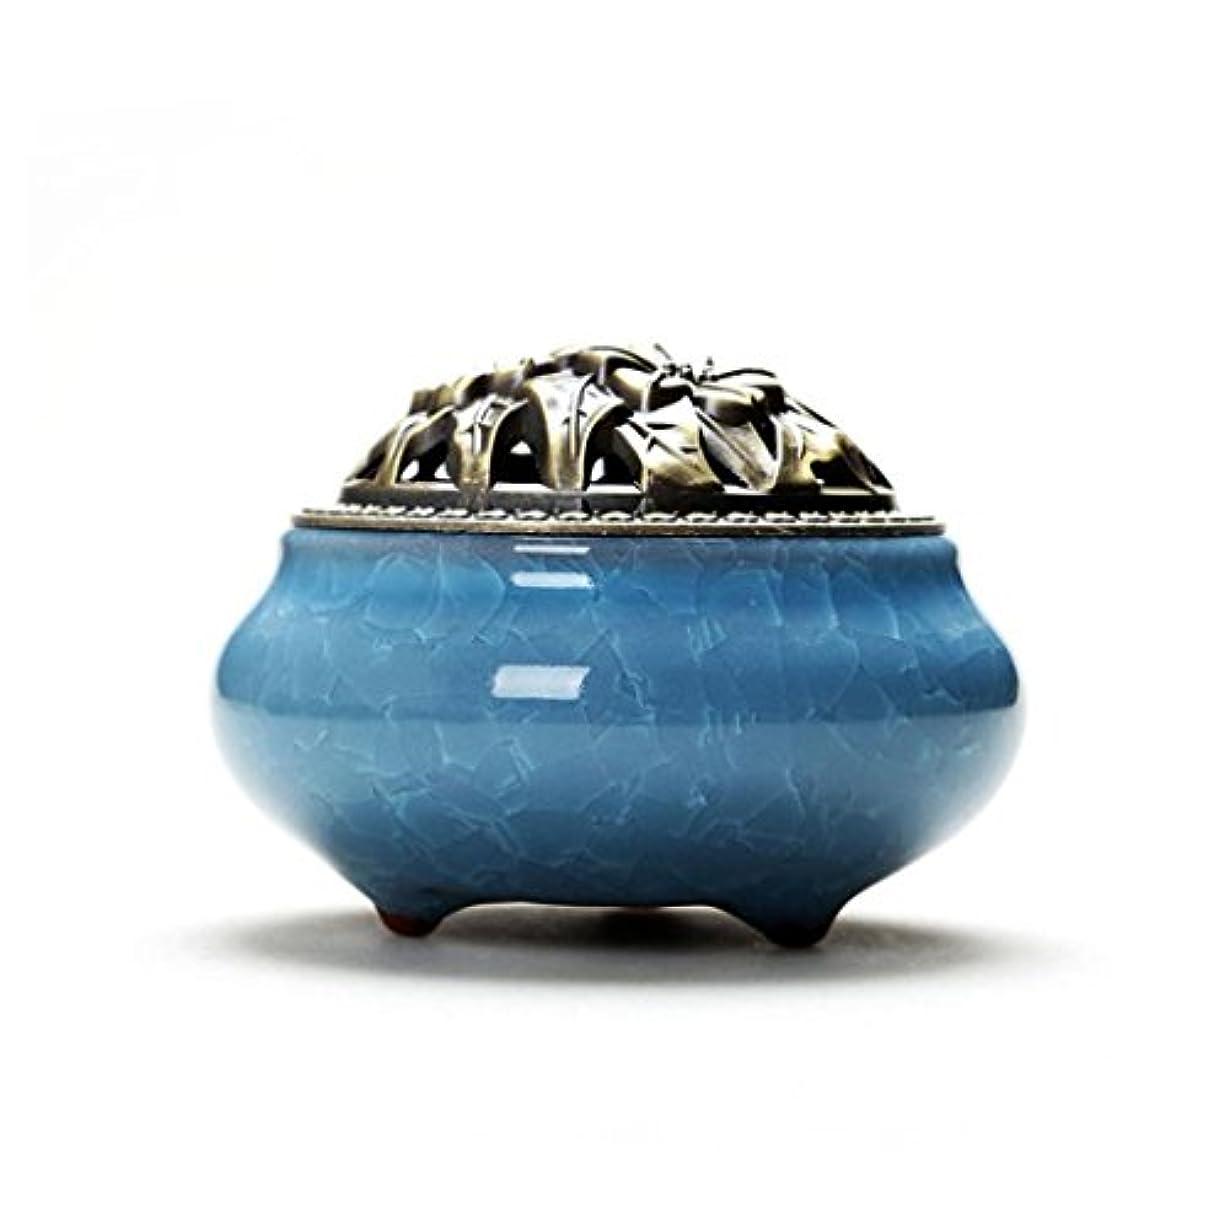 正確にアトミック沿ってAijoo 陶磁器 香炉 丸香炉 アロマ陶磁器 青磁 香立て付き アロマ アンティーク 渦巻き線香 アロマ などに 調選べる 9カラー